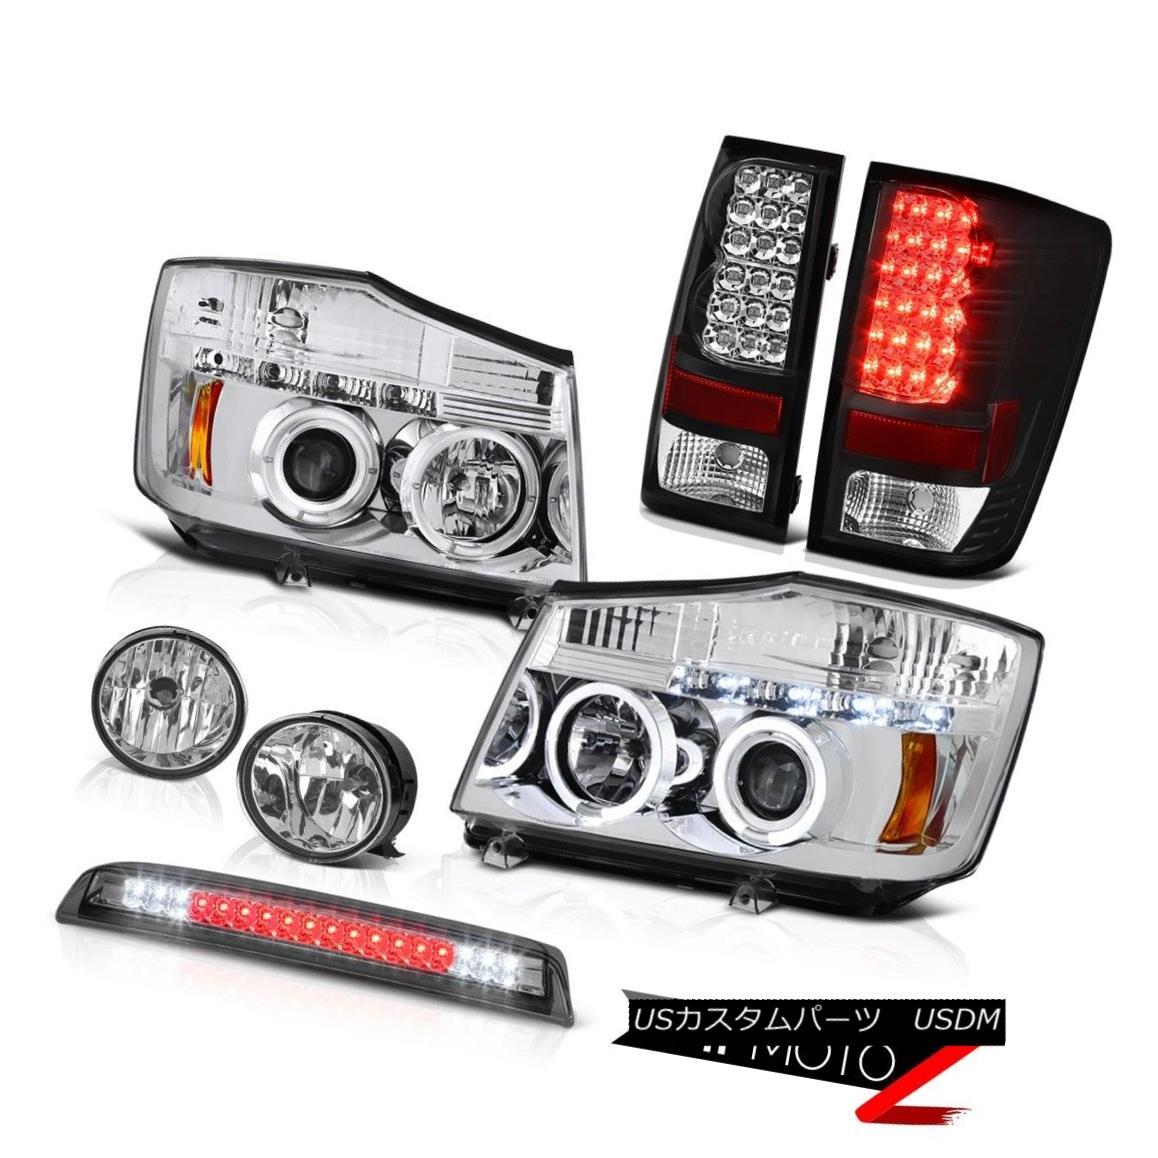 テールライト For 2004-2015 09 Titan S LED DRL Headlamp Tail Light Chrome Fog High Stop Smoke 2004年?2015年09 Titan S LED DRLヘッドランプテールライトクロームフォグハイストップスモーク